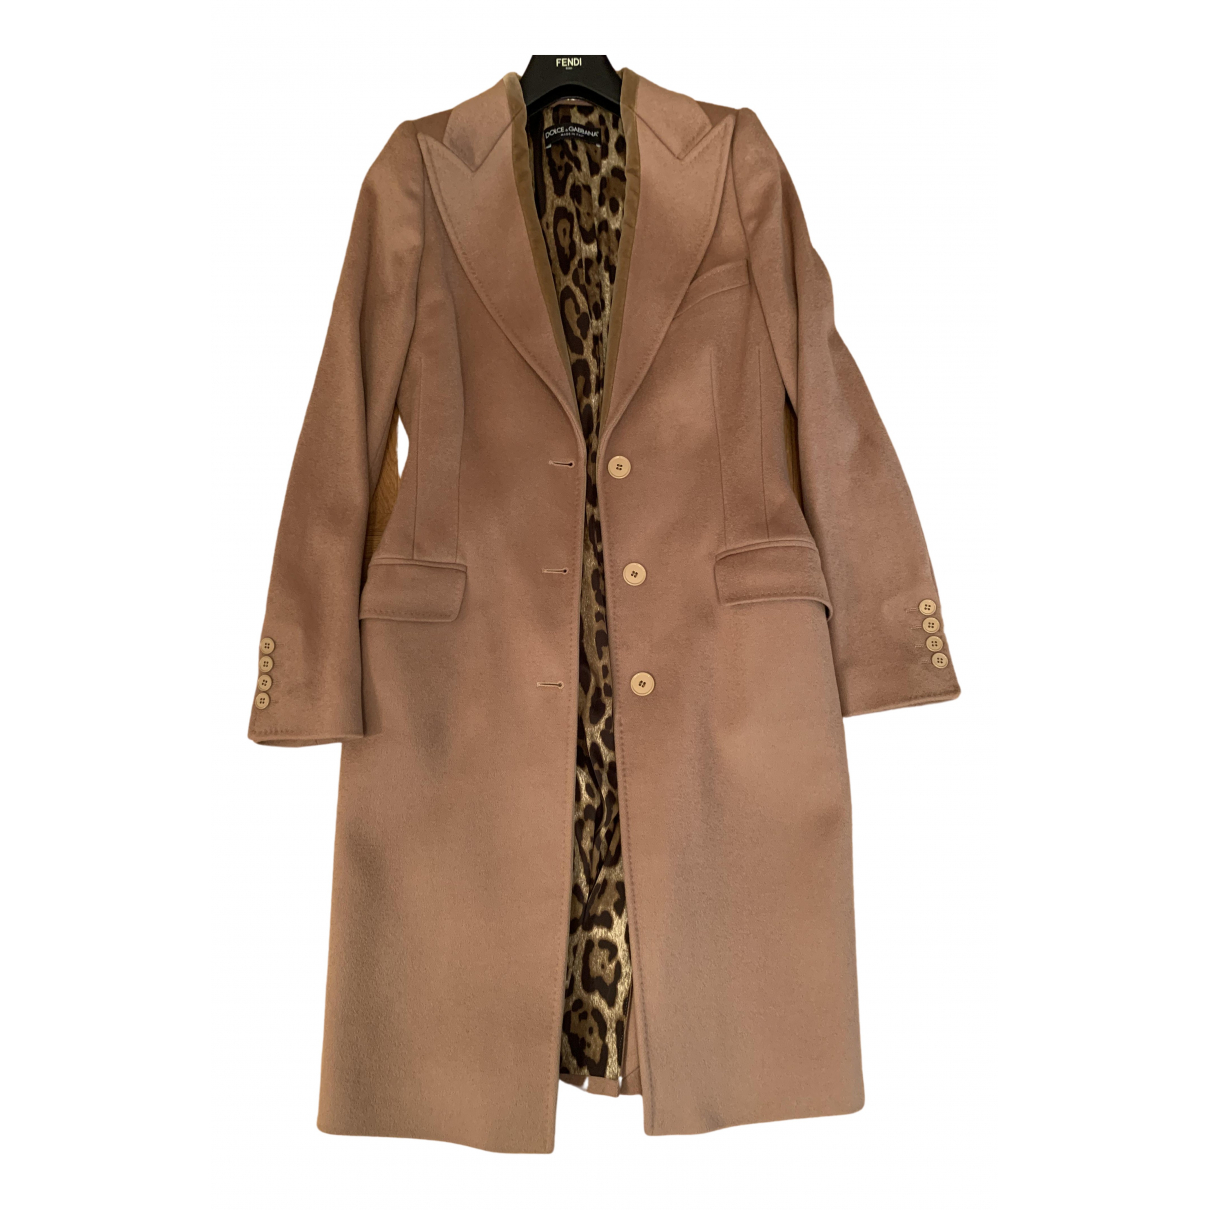 Dolce & Gabbana \N Beige Wool coat for Women 38 IT